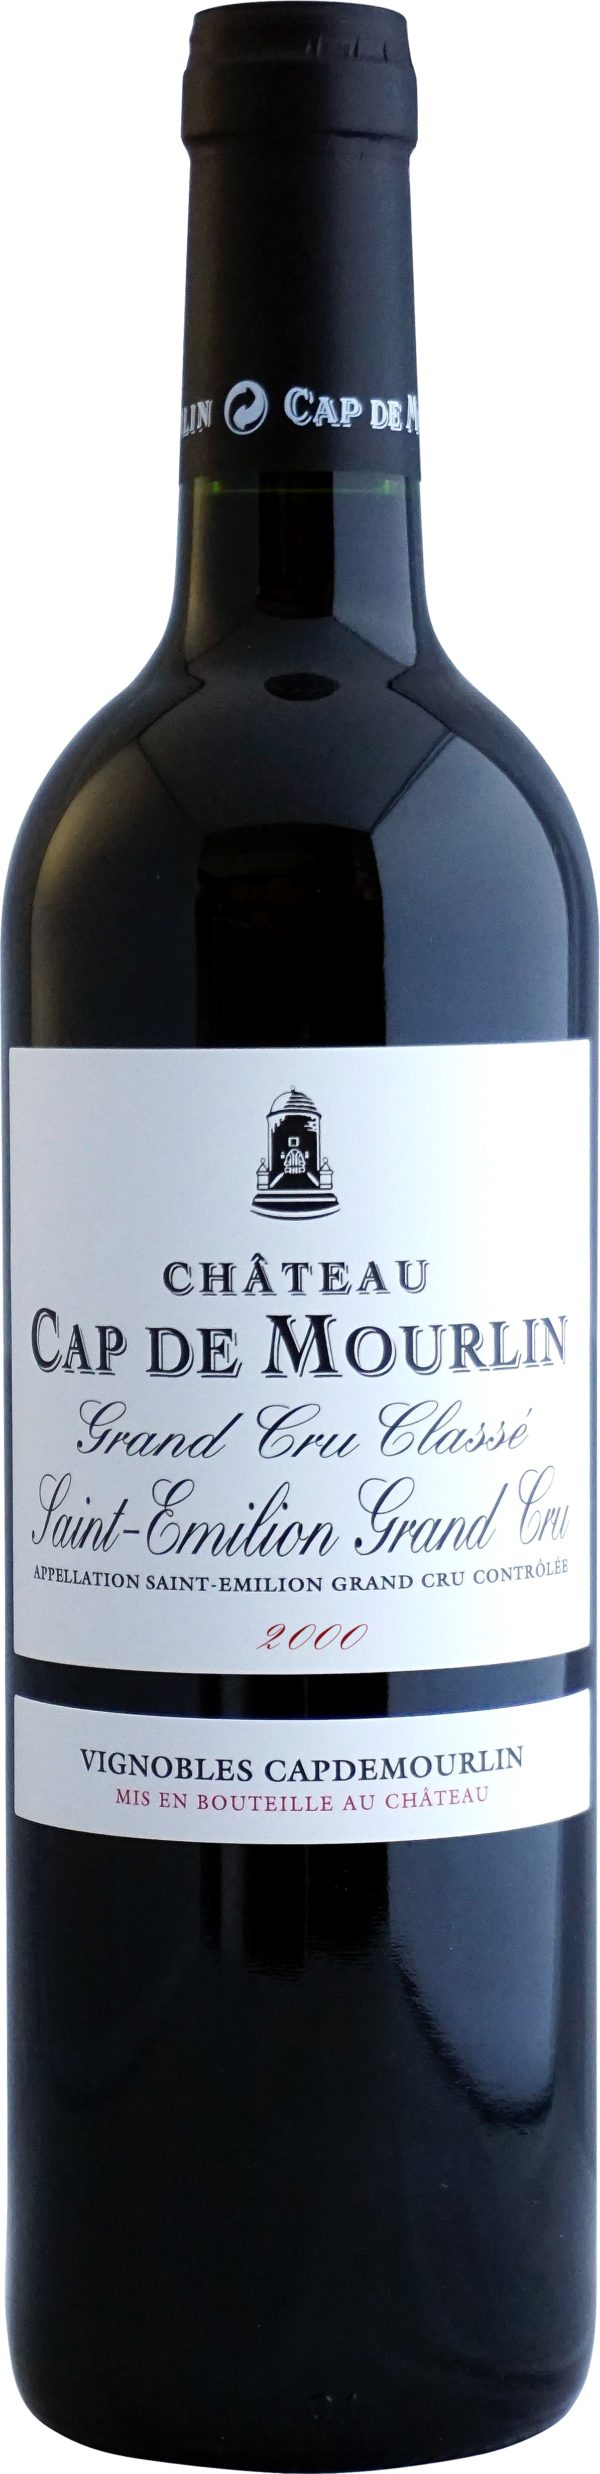 Château Cap De Mourlin 2000